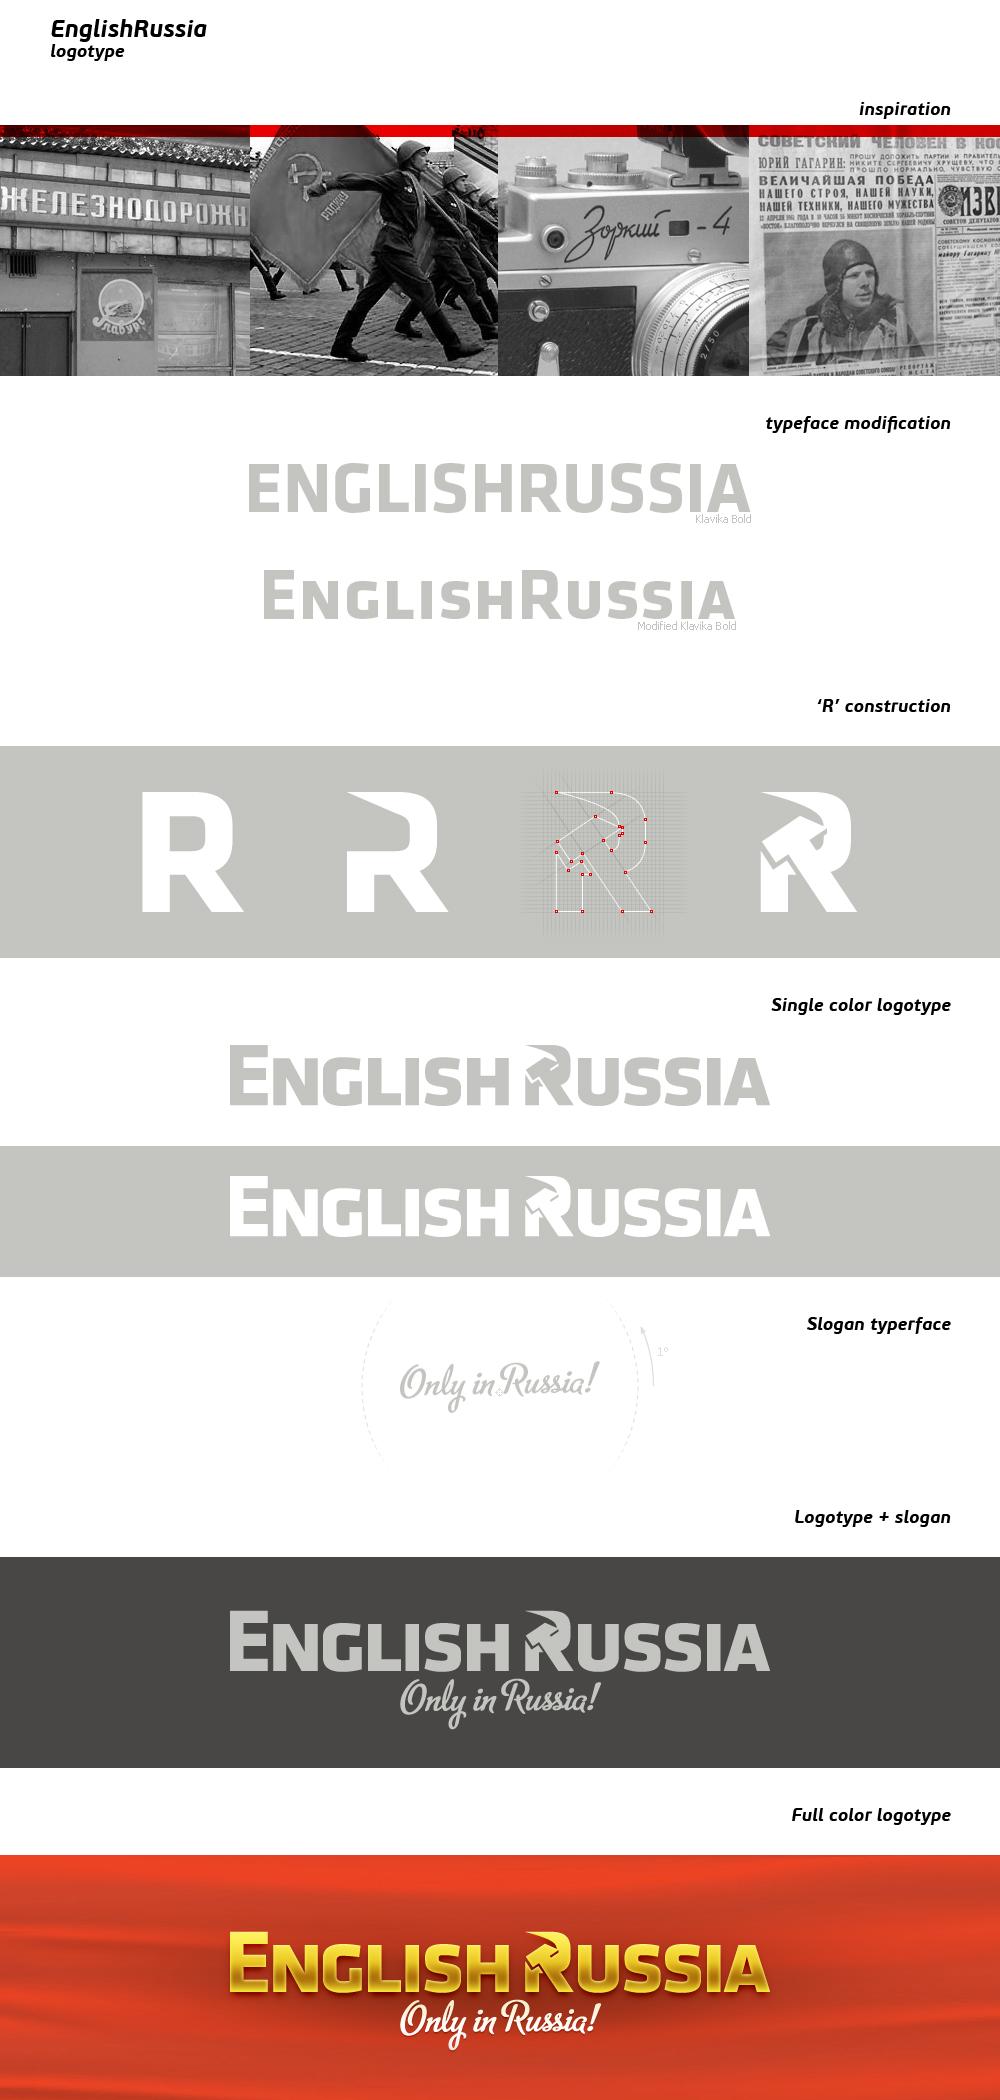 EnglishRussia